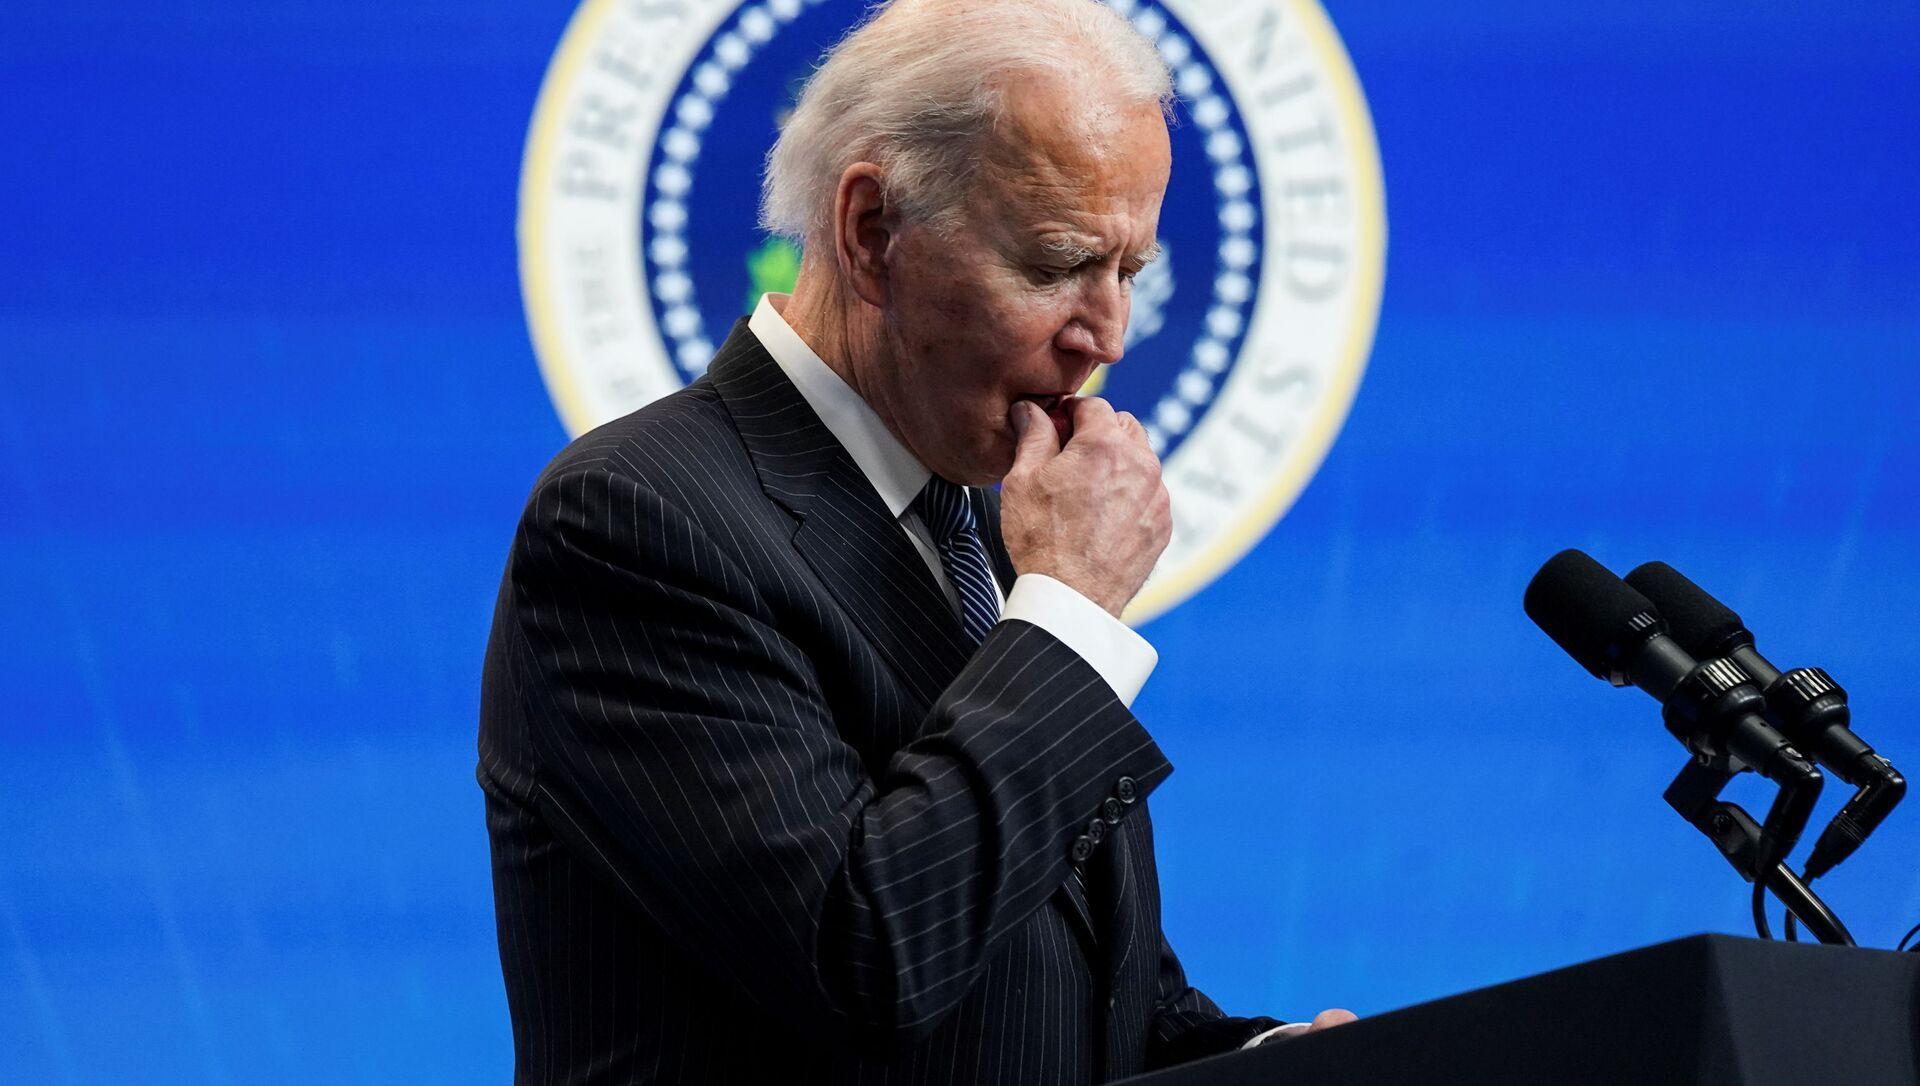 Prezident USA Joe Biden - Sputnik Česká republika, 1920, 24.02.2021